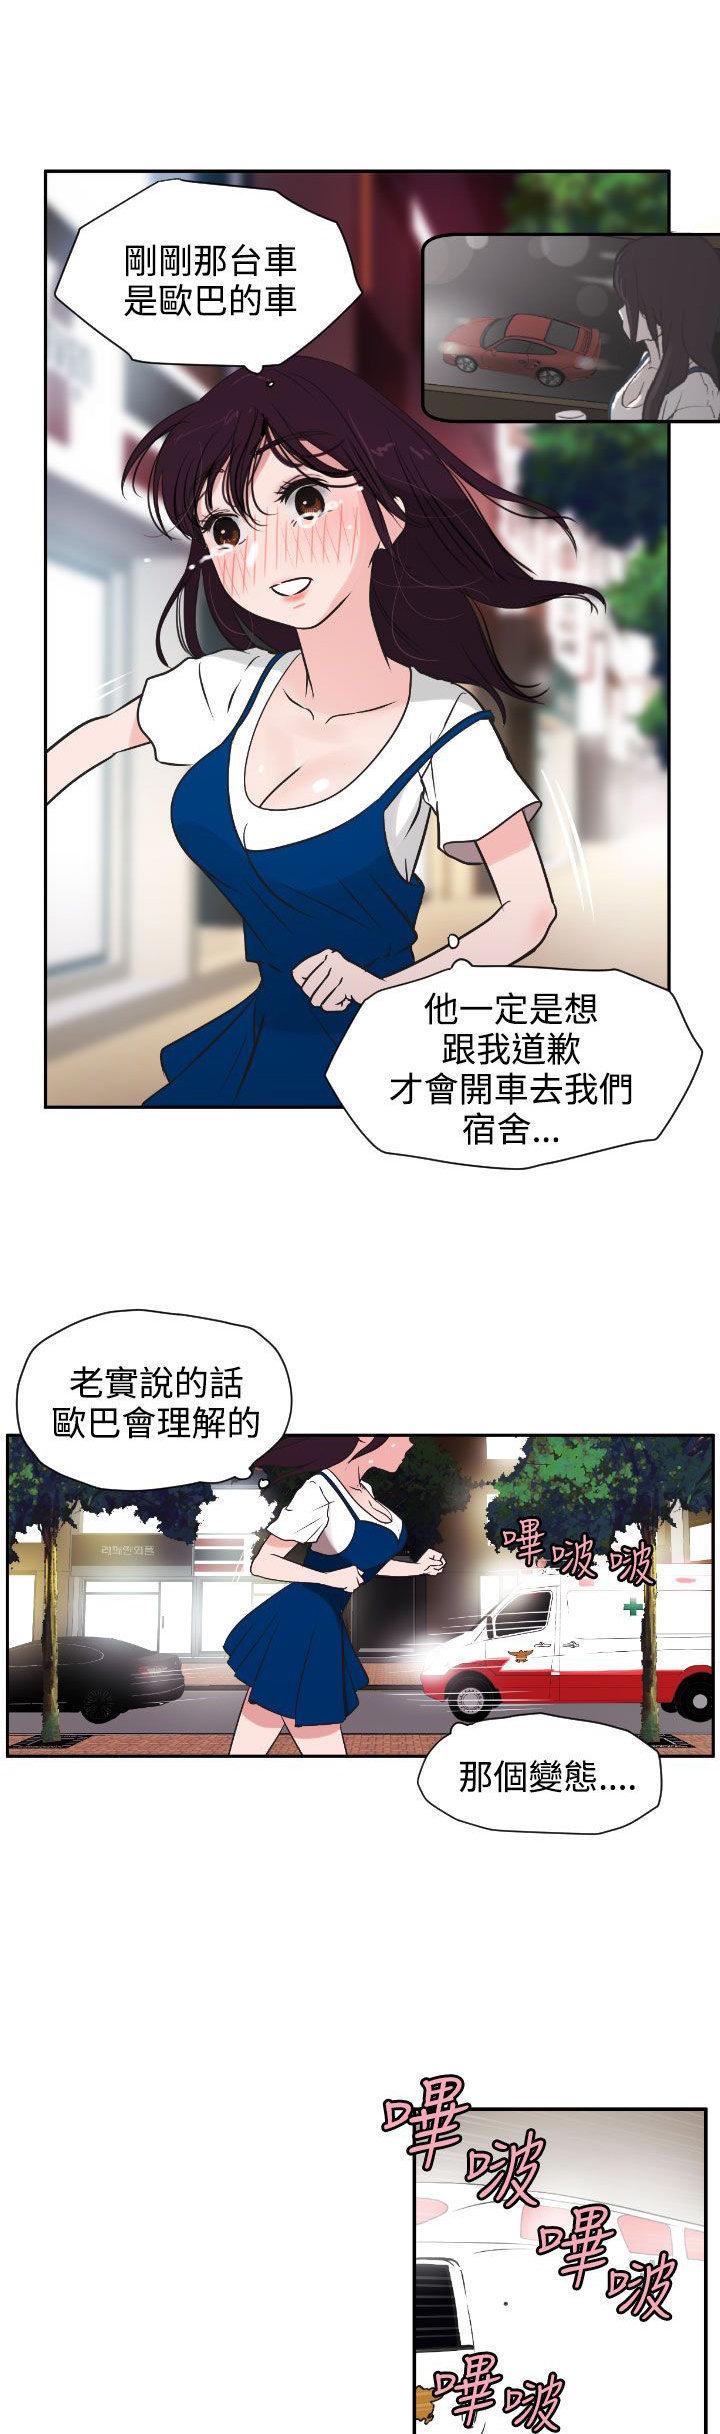 韩漫欲求王(电击少年)九九漫画网